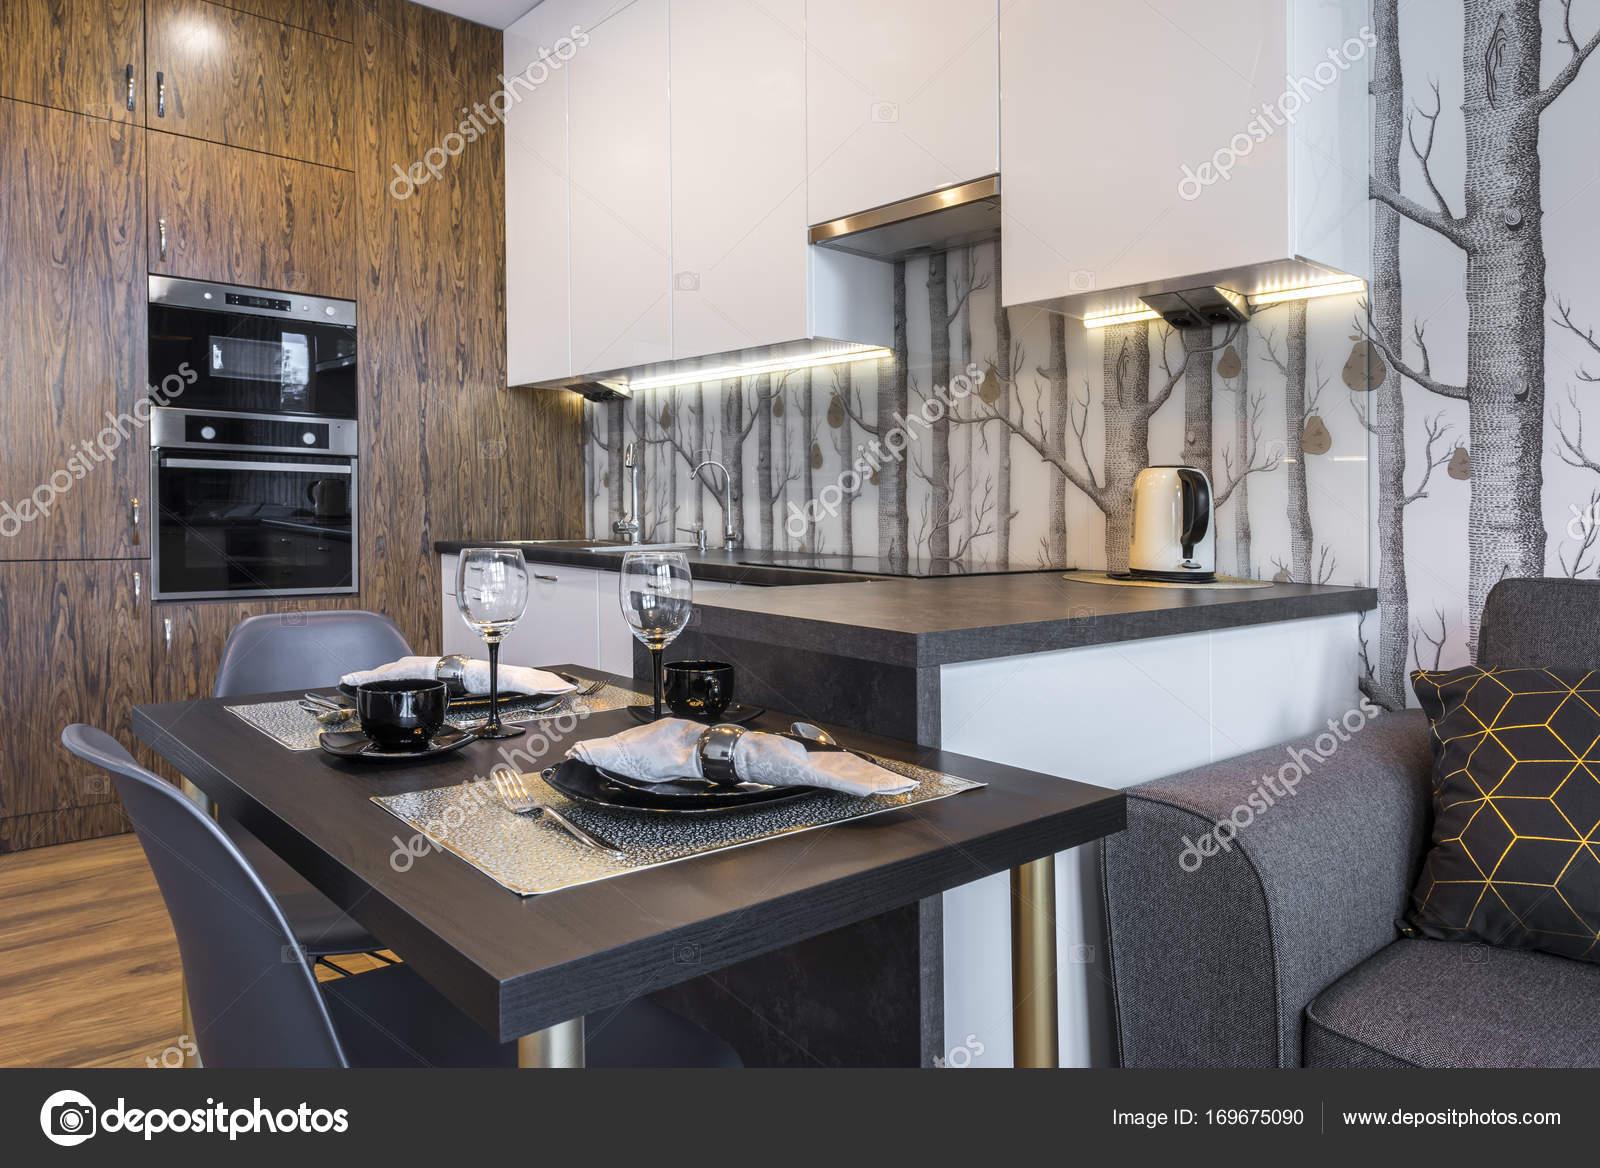 Modern interieur keuken u stockfoto jacek kadaj